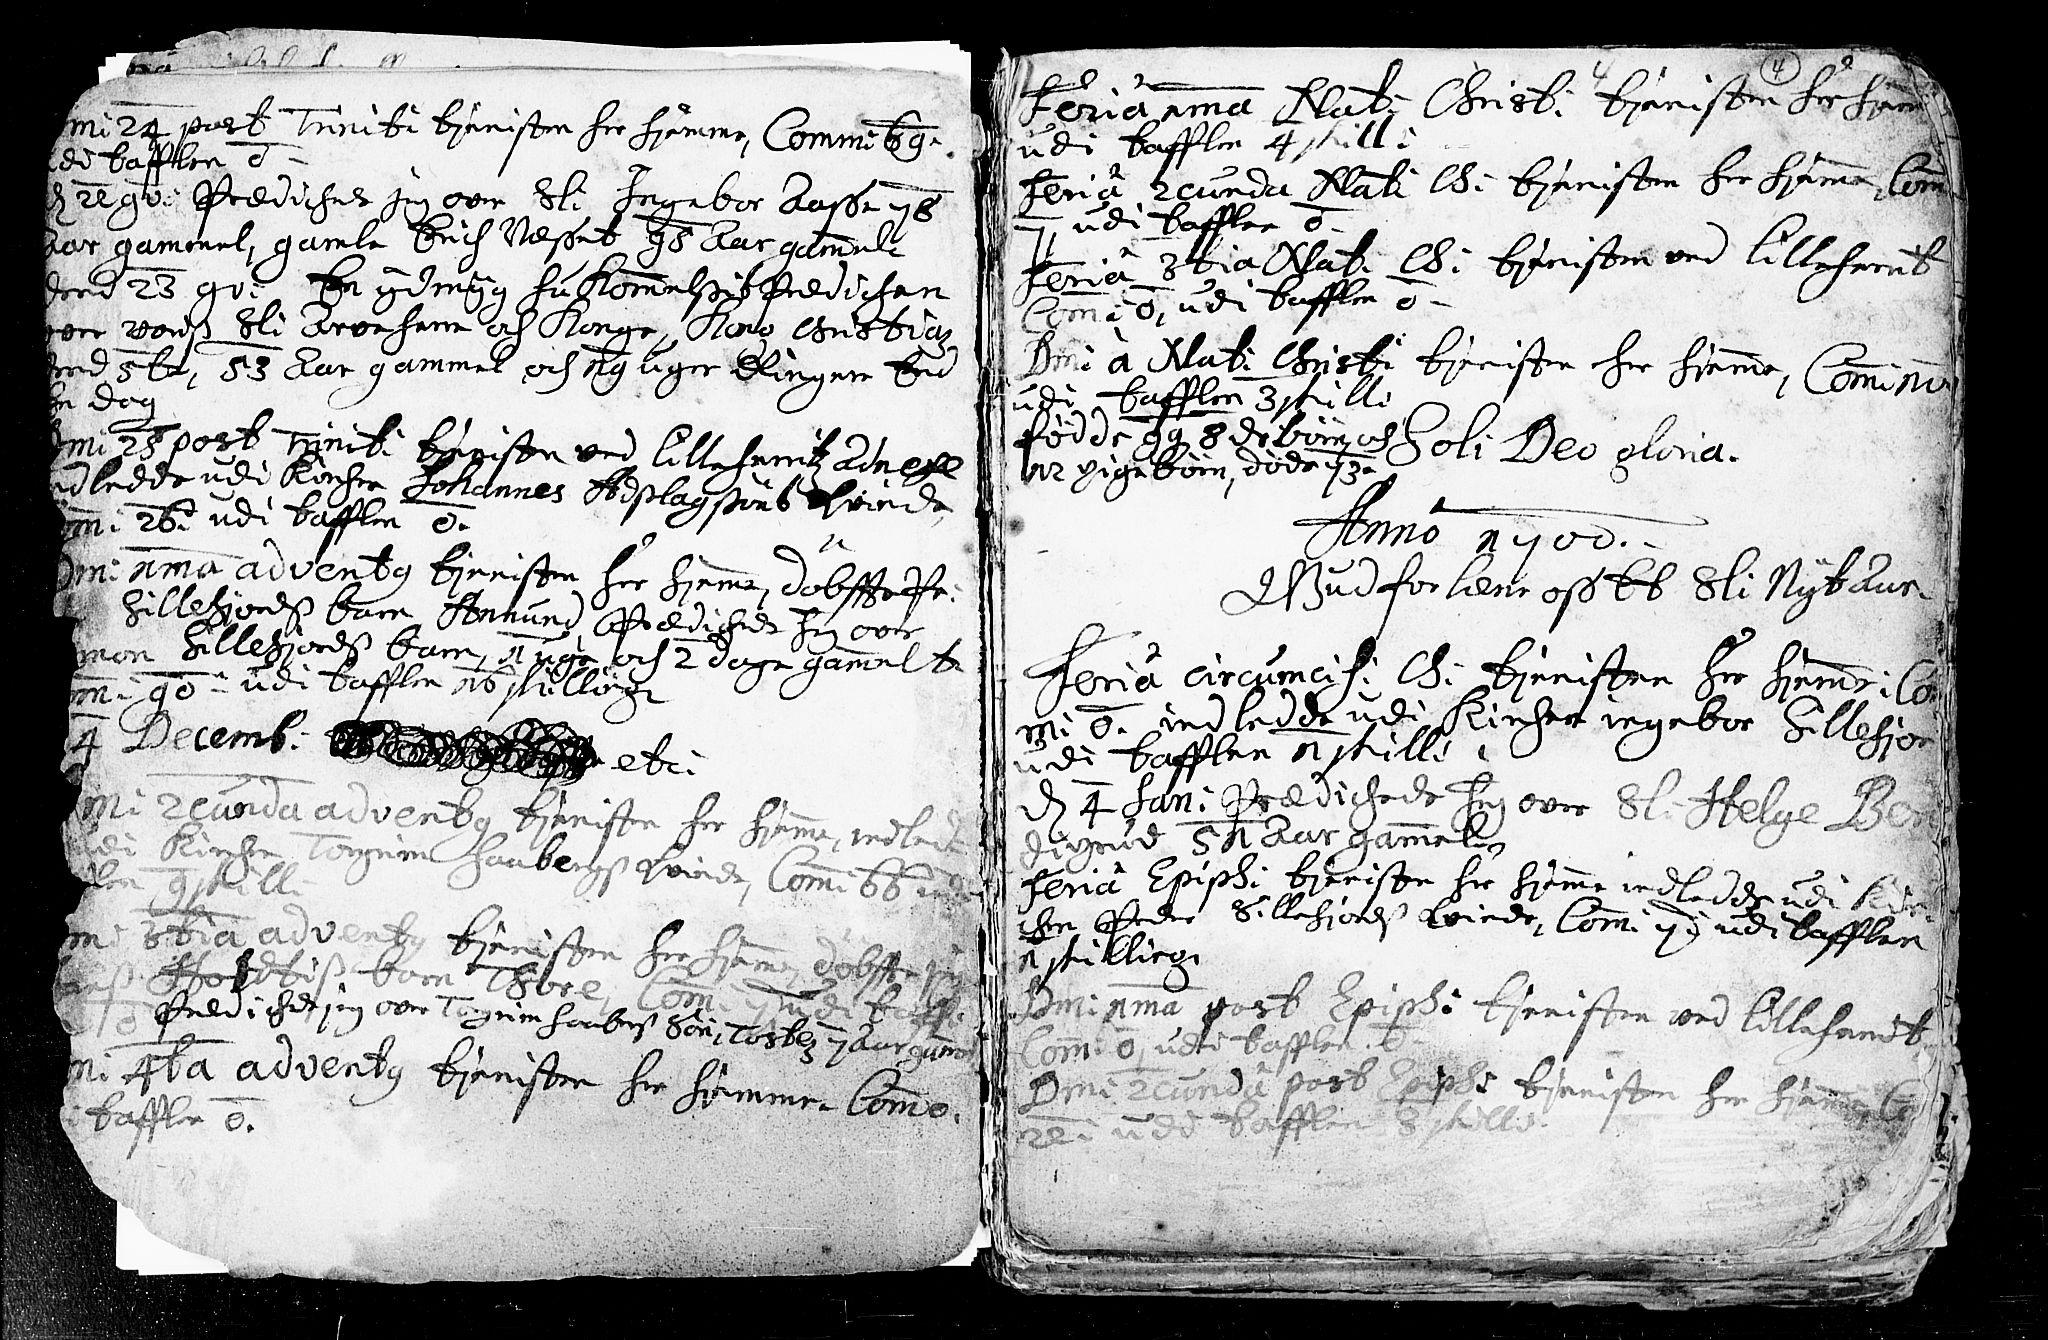 SAKO, Heddal kirkebøker, F/Fa/L0002: Ministerialbok nr. I 2, 1699-1722, s. 4